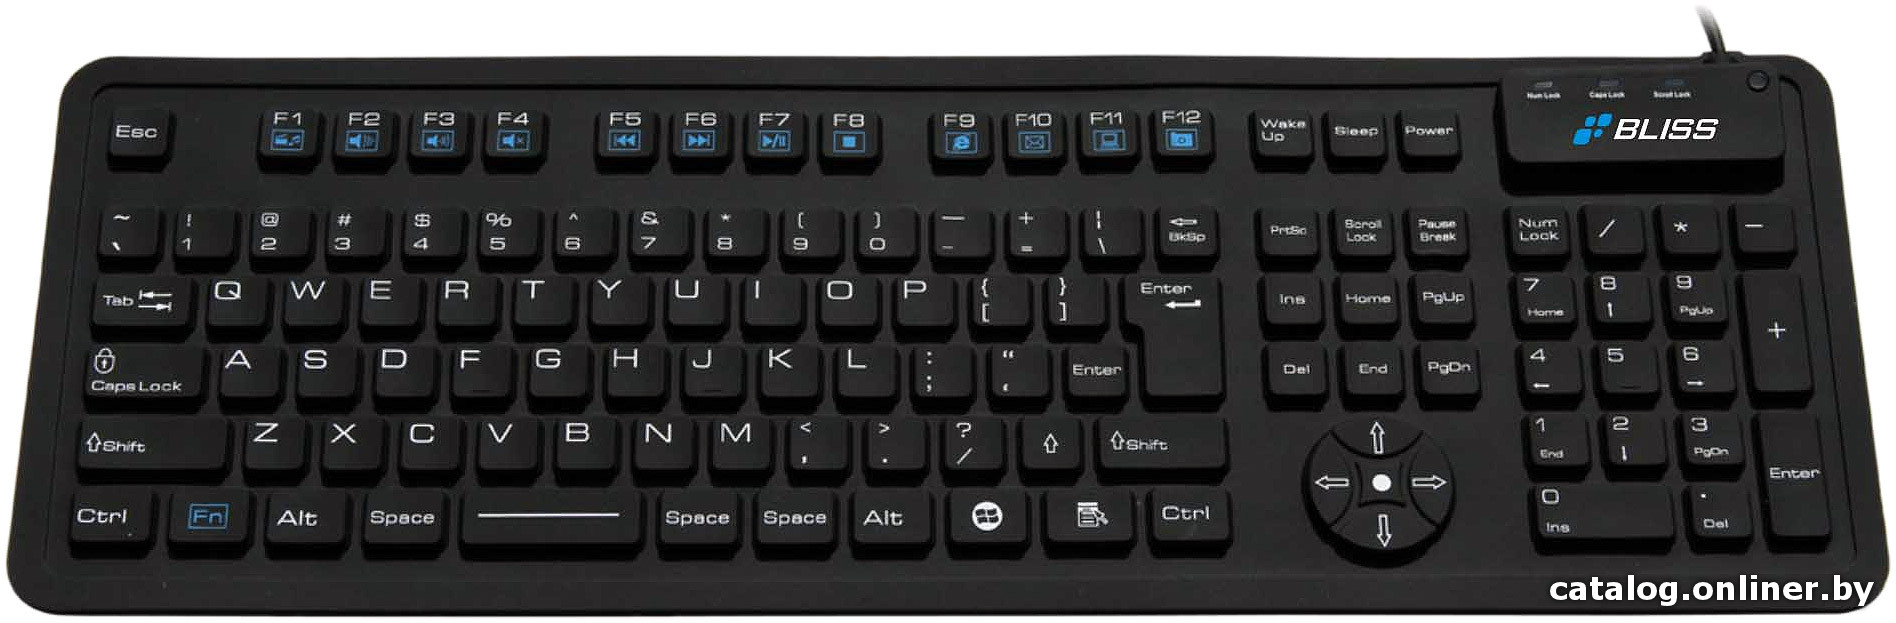 Гибкая клавиатура для компьютера купить 3